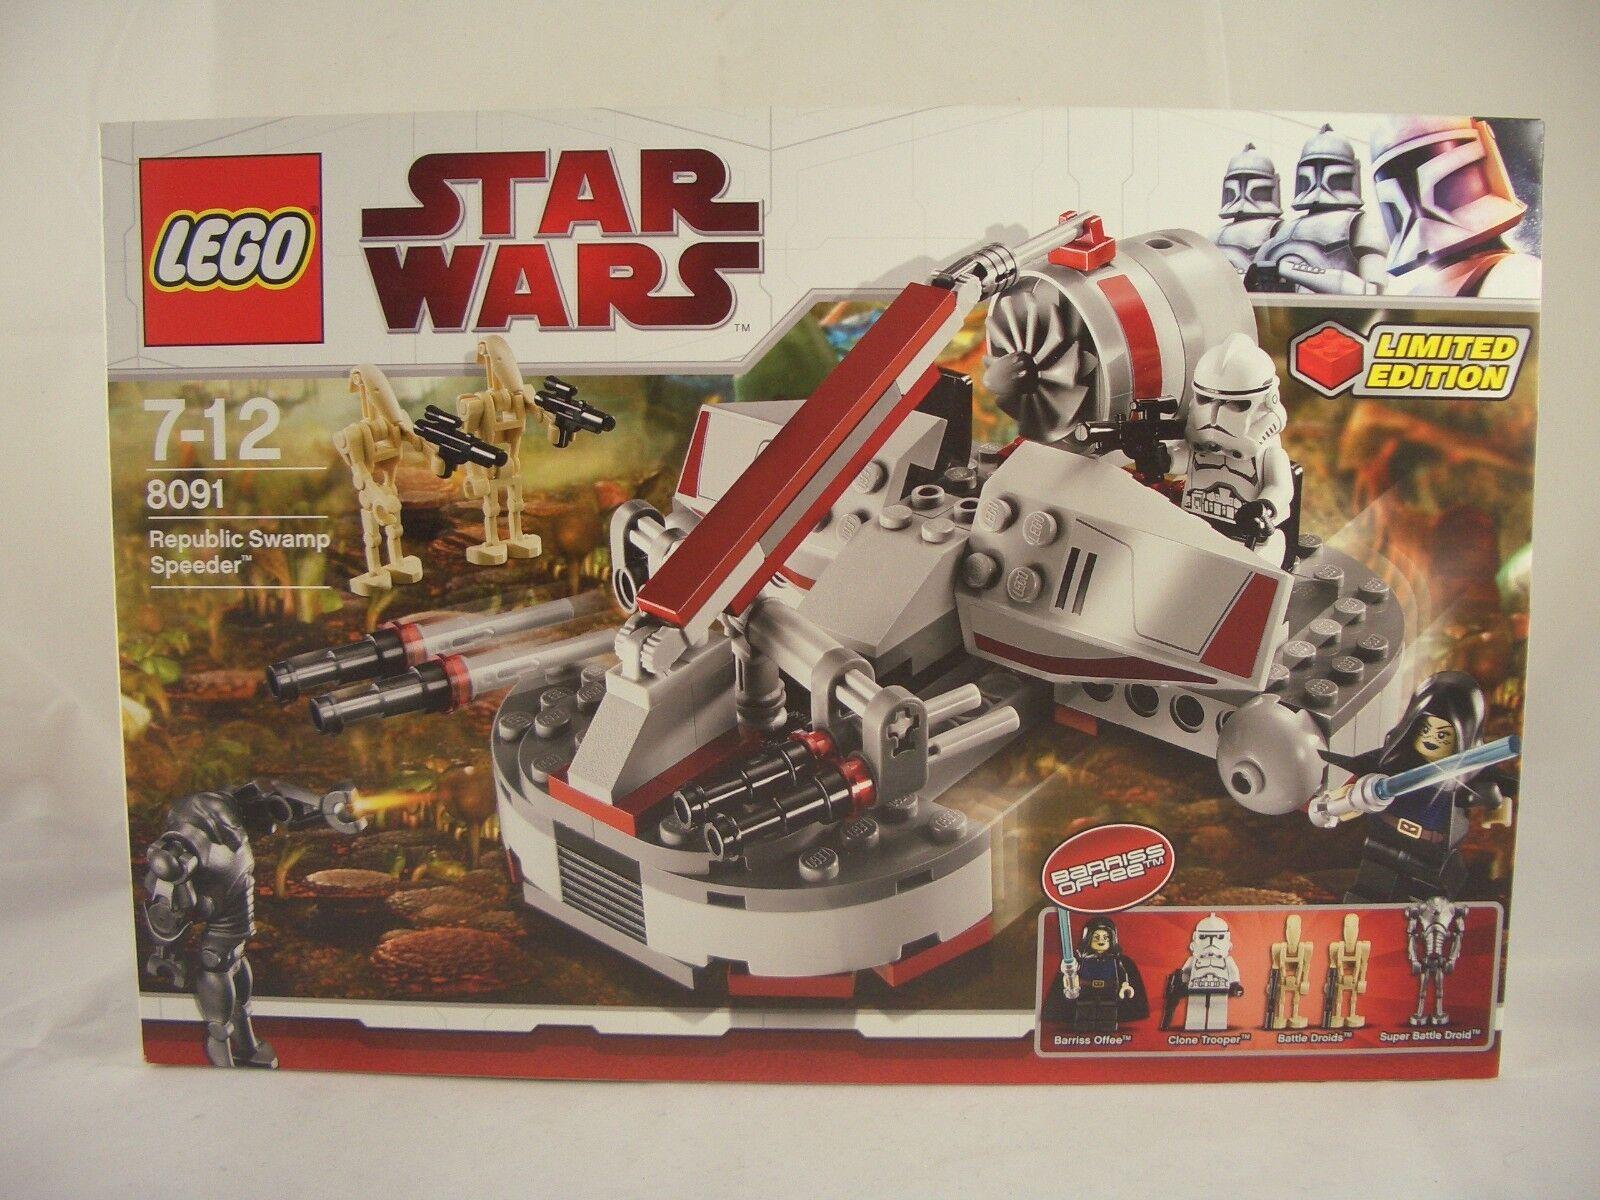 LEGO Star Wars 8091 Republic Swamp Speeder New Sealed